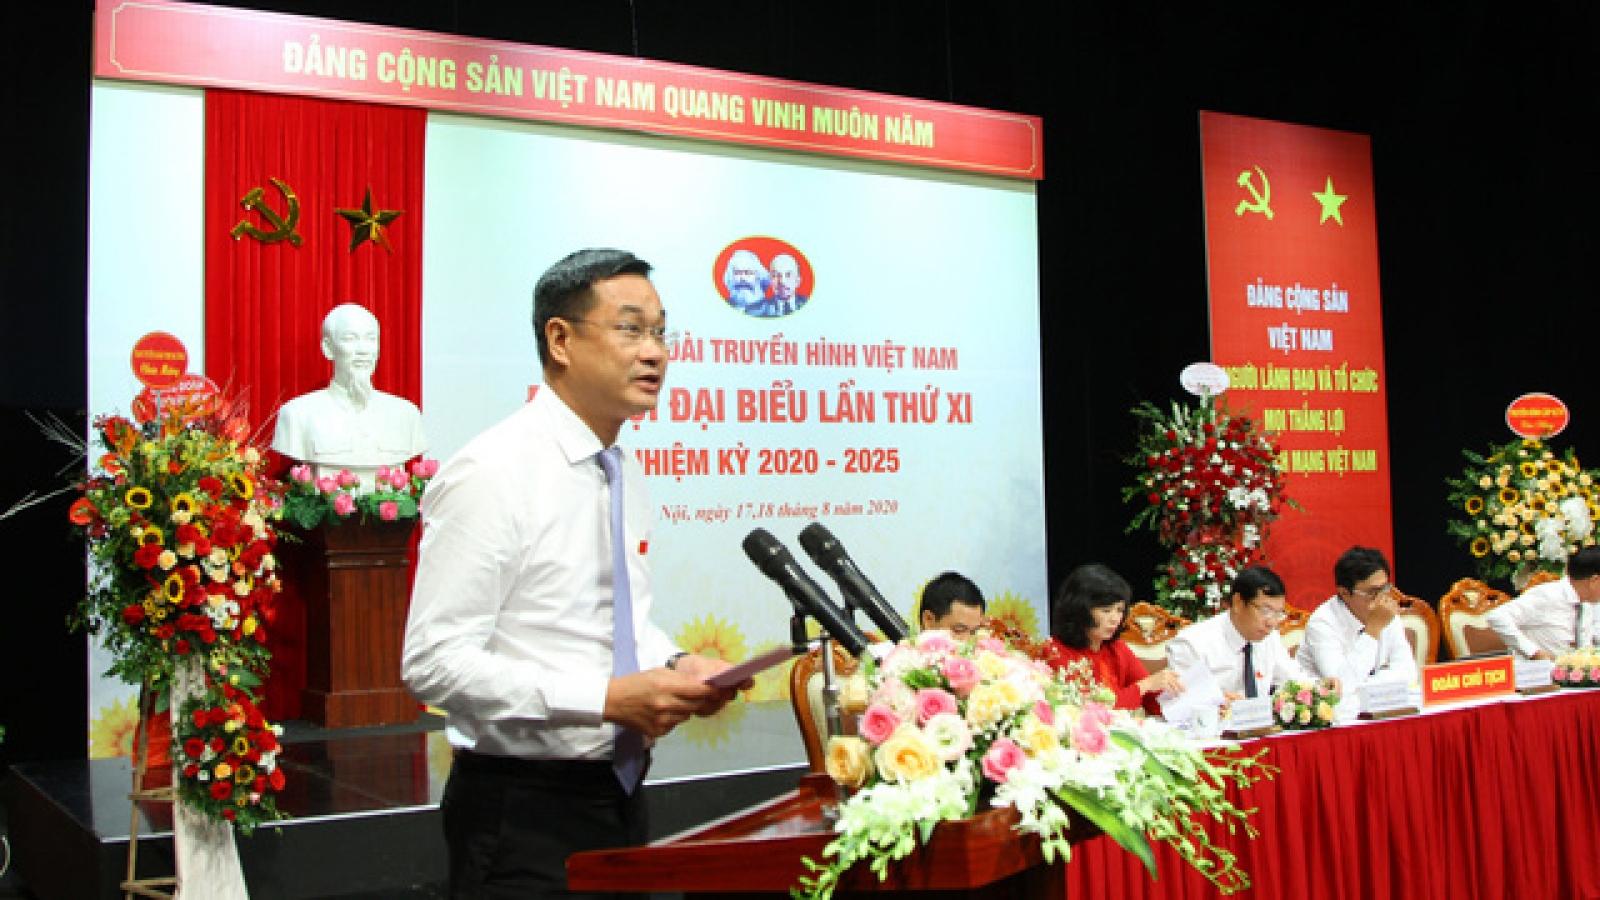 Ông Lê Ngọc Quang được bổ nhiệm làm Tổng Giám đốc VTV từ ngày 1/4